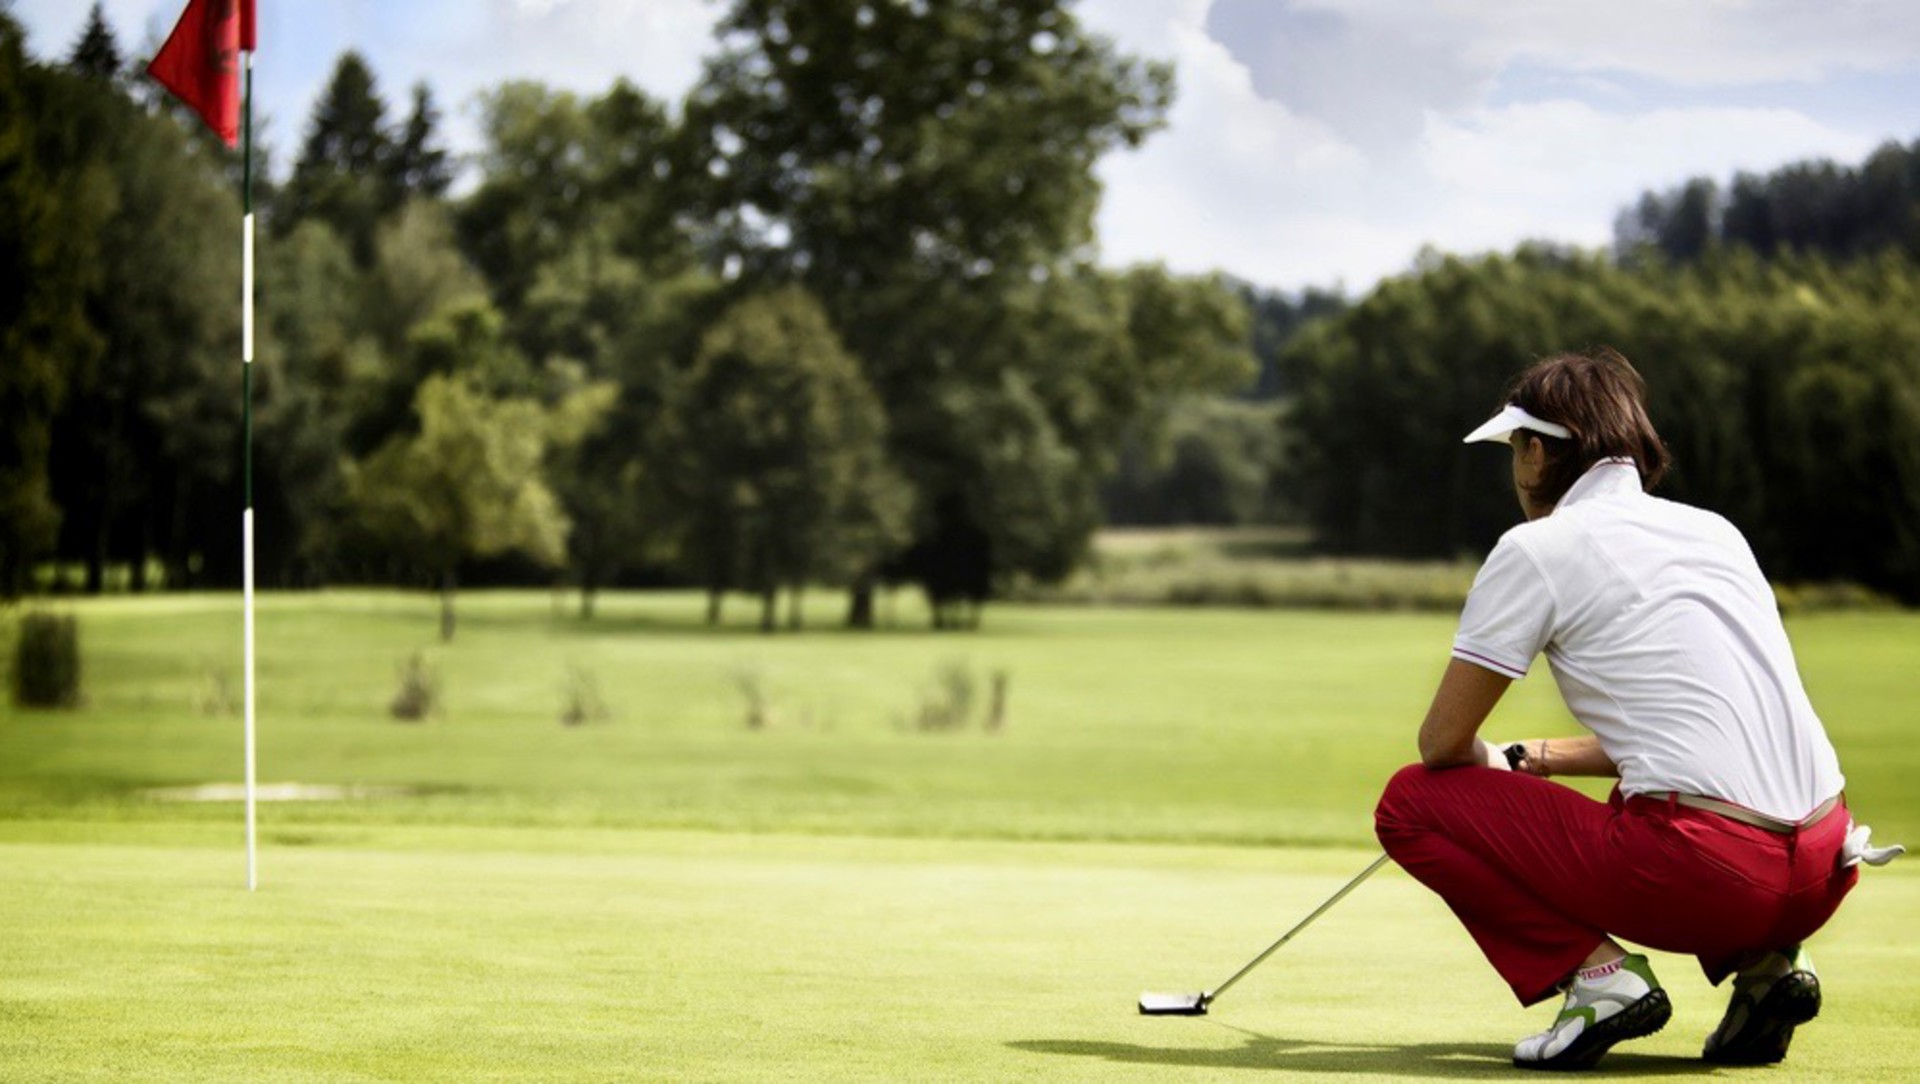 Golf Pro Tipp der Woche  # 2: Das Grünlesen auf dem Golfplatz